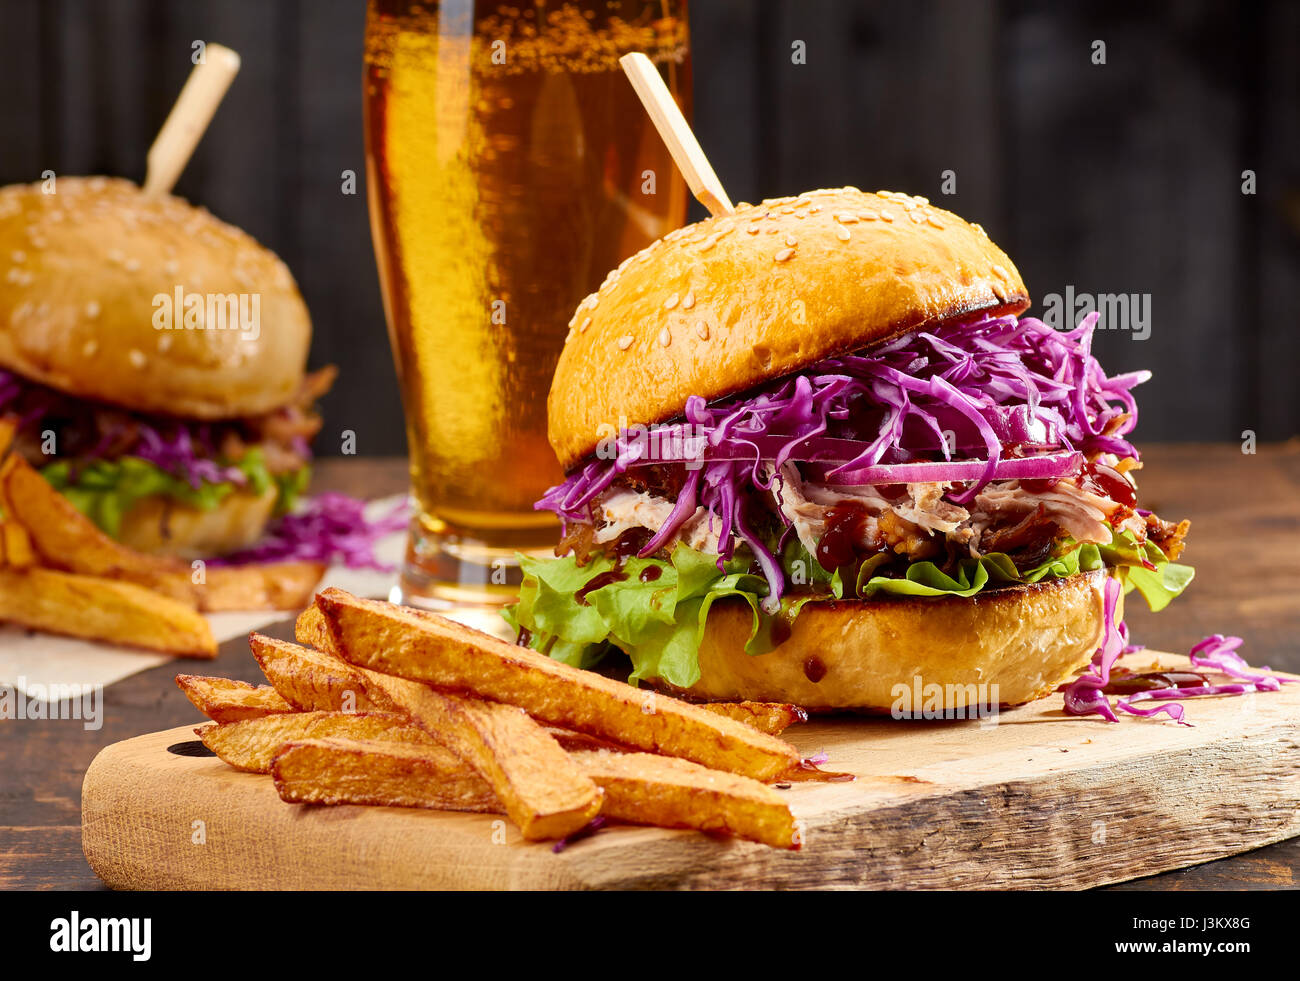 Due panini con estratto di carne di maiale, patatine fritte e un bicchiere di birra su sfondo di legno Immagini Stock